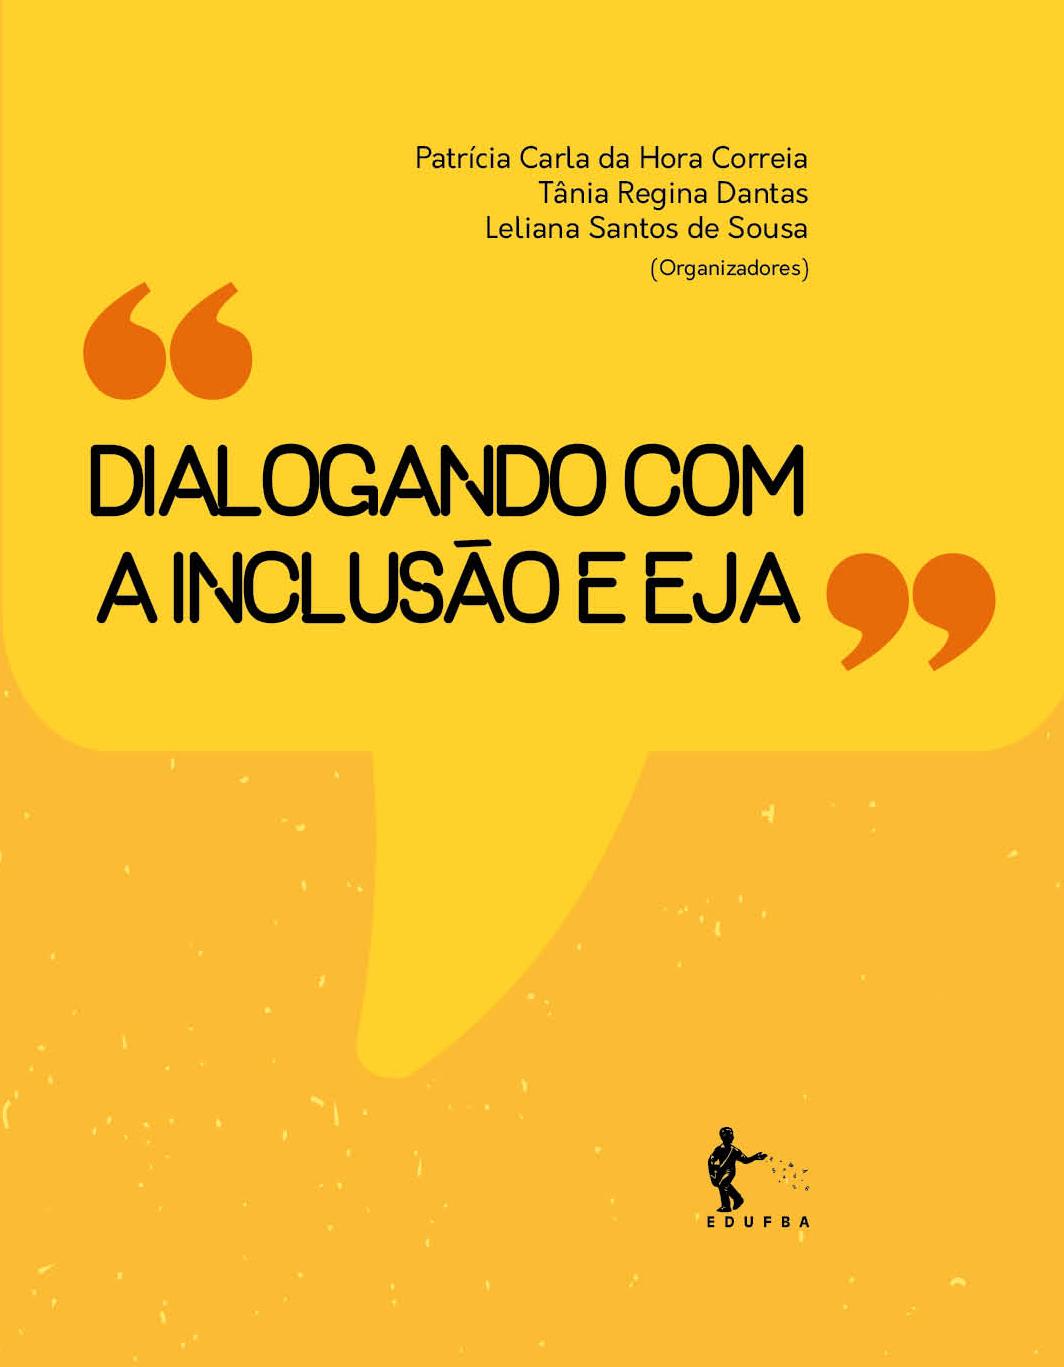 Dialogando com a inclusão e EJA, livro de Patrícia Carla da Hora Correia